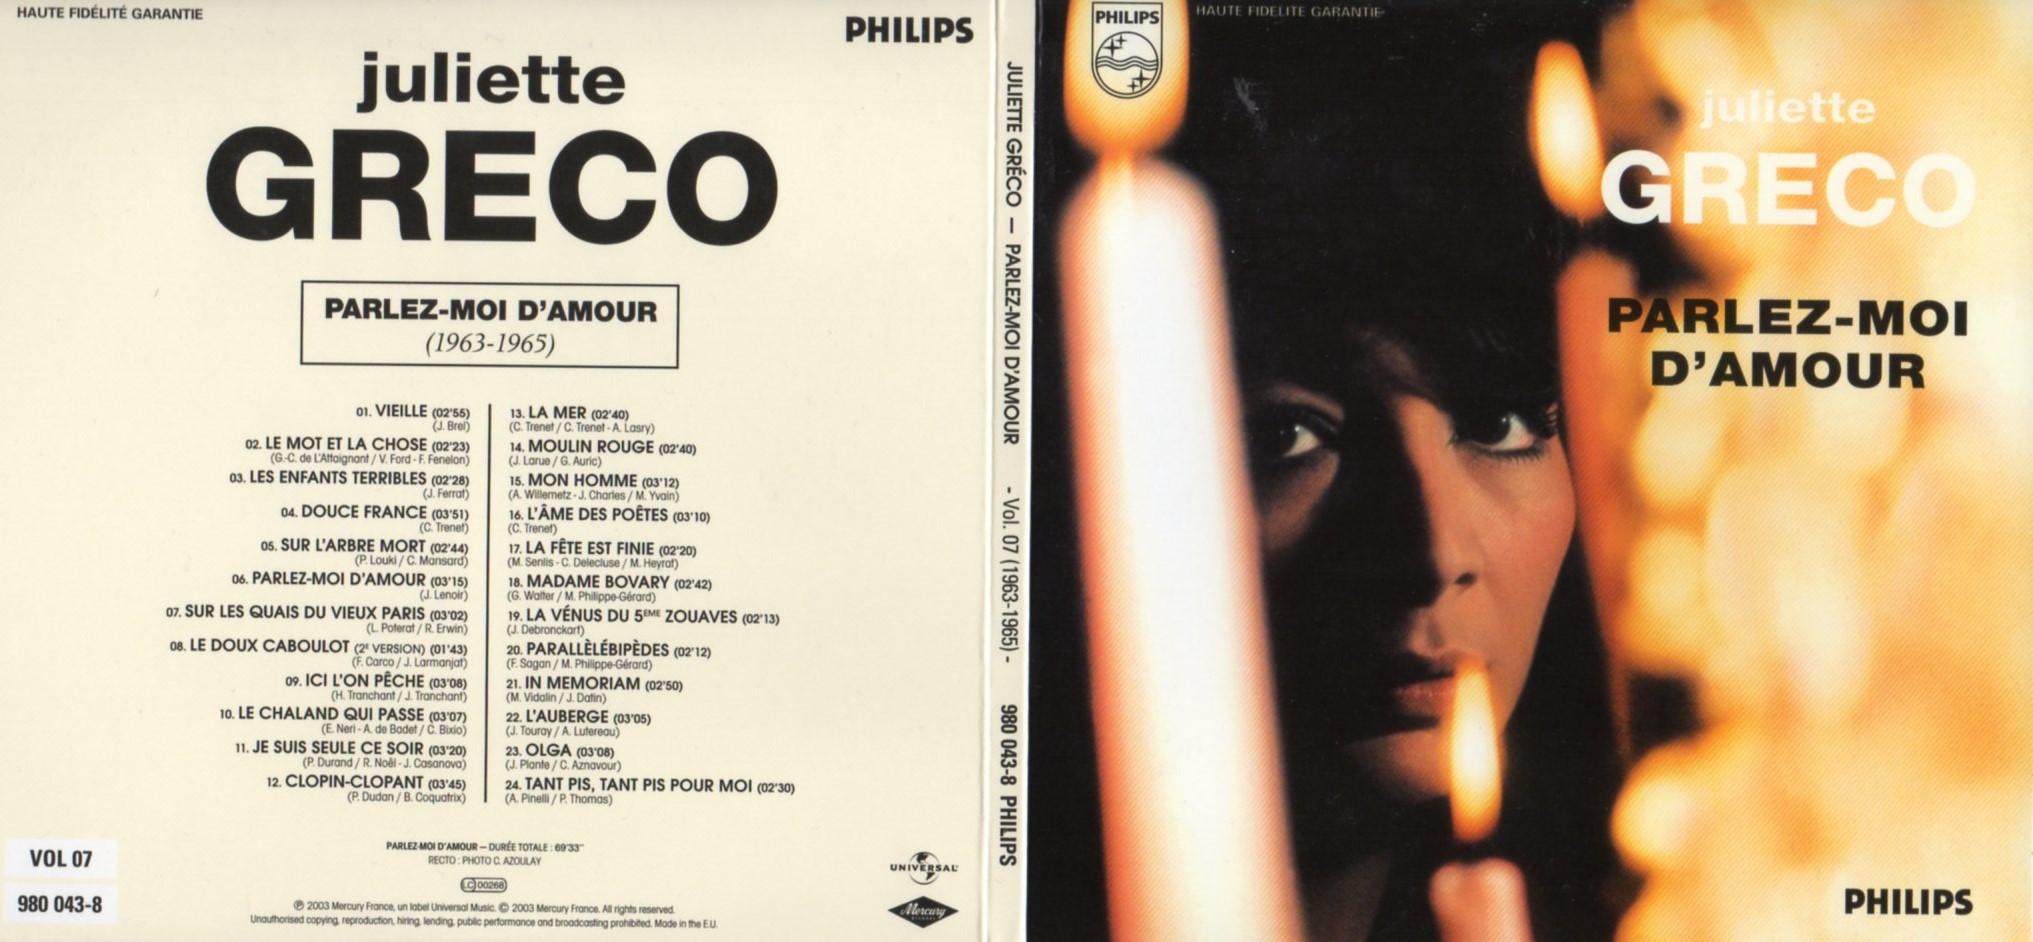 JULIETTE GRÉCO - Parlez-moi d'amour (1963-1964) Gatefold Card board sleeve - CD